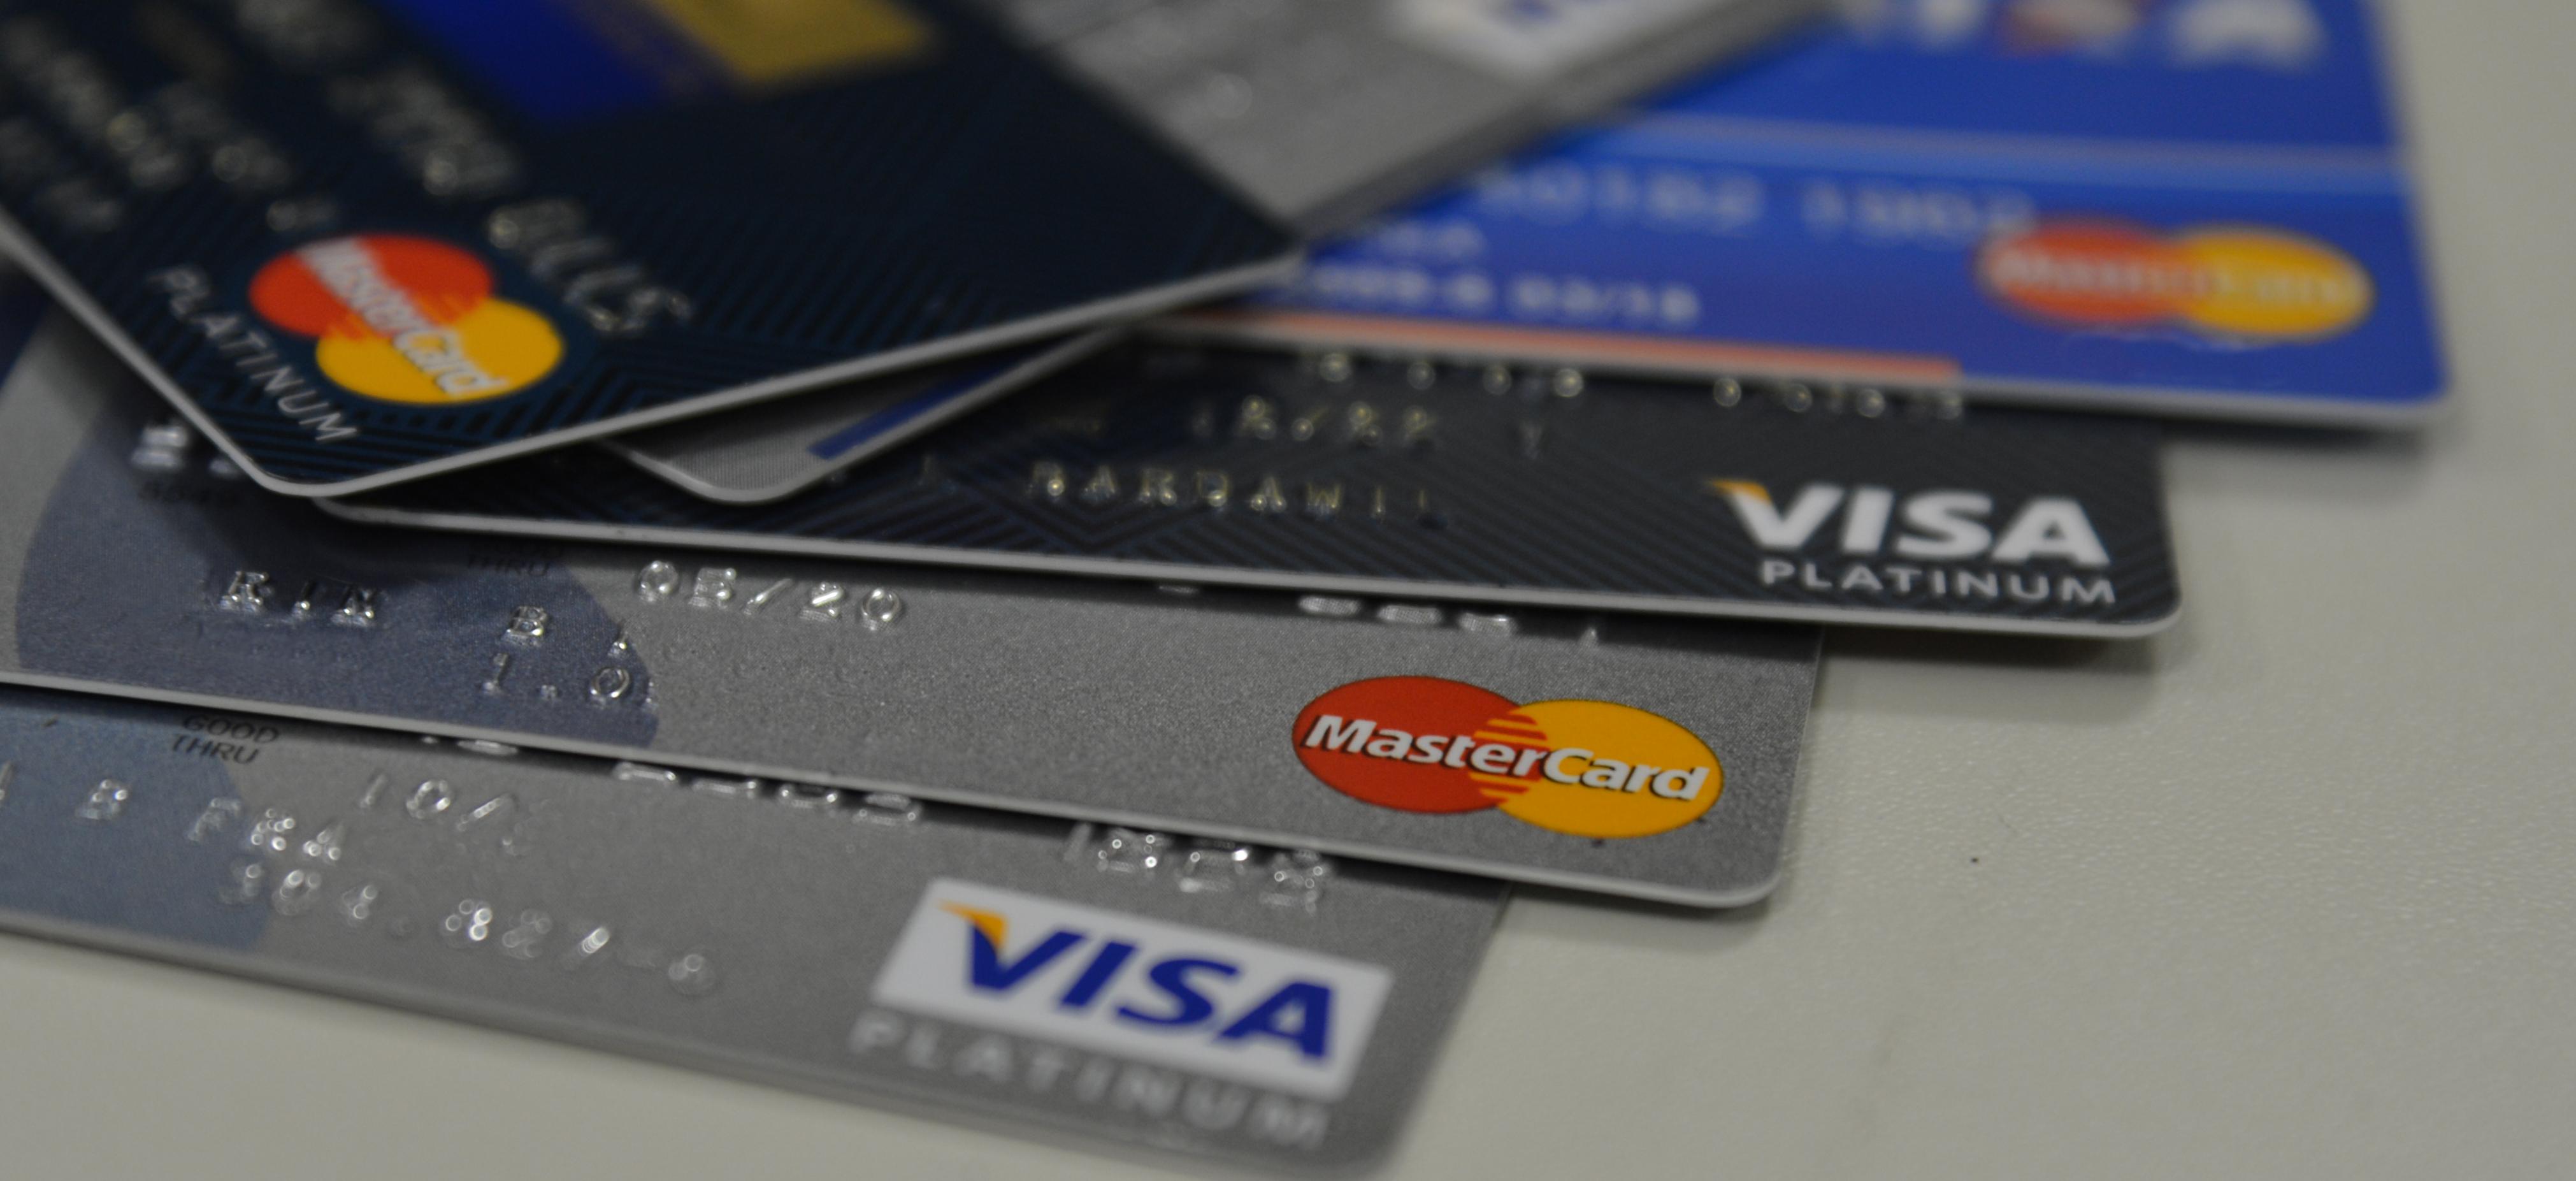 93ba13fc89 Comércio é autorizado a cobrar preço diferente de acordo com o meio ...